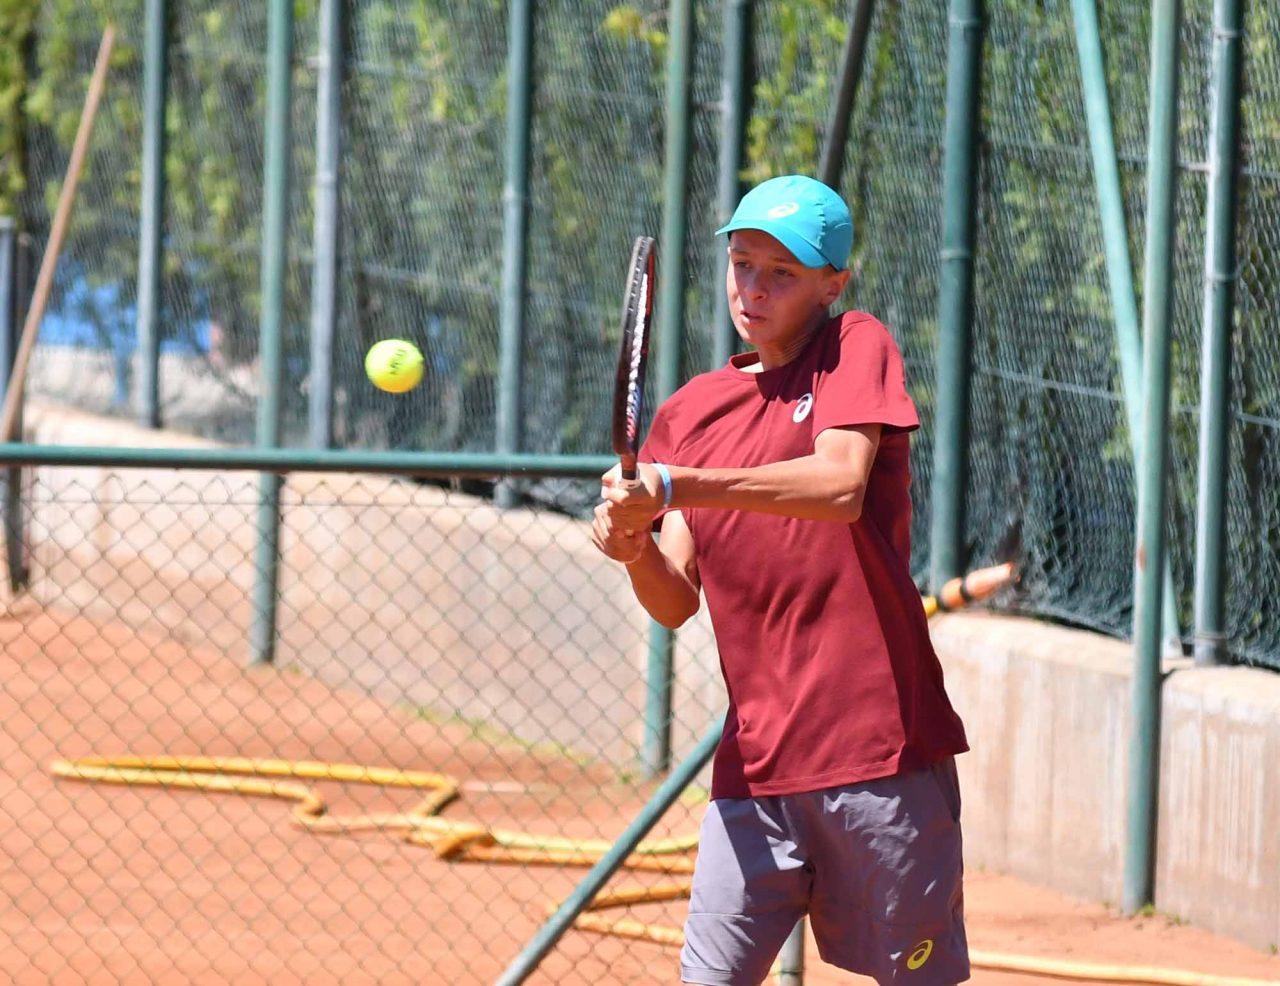 Държавно първенство тенисдо 16 години Сливен (15)